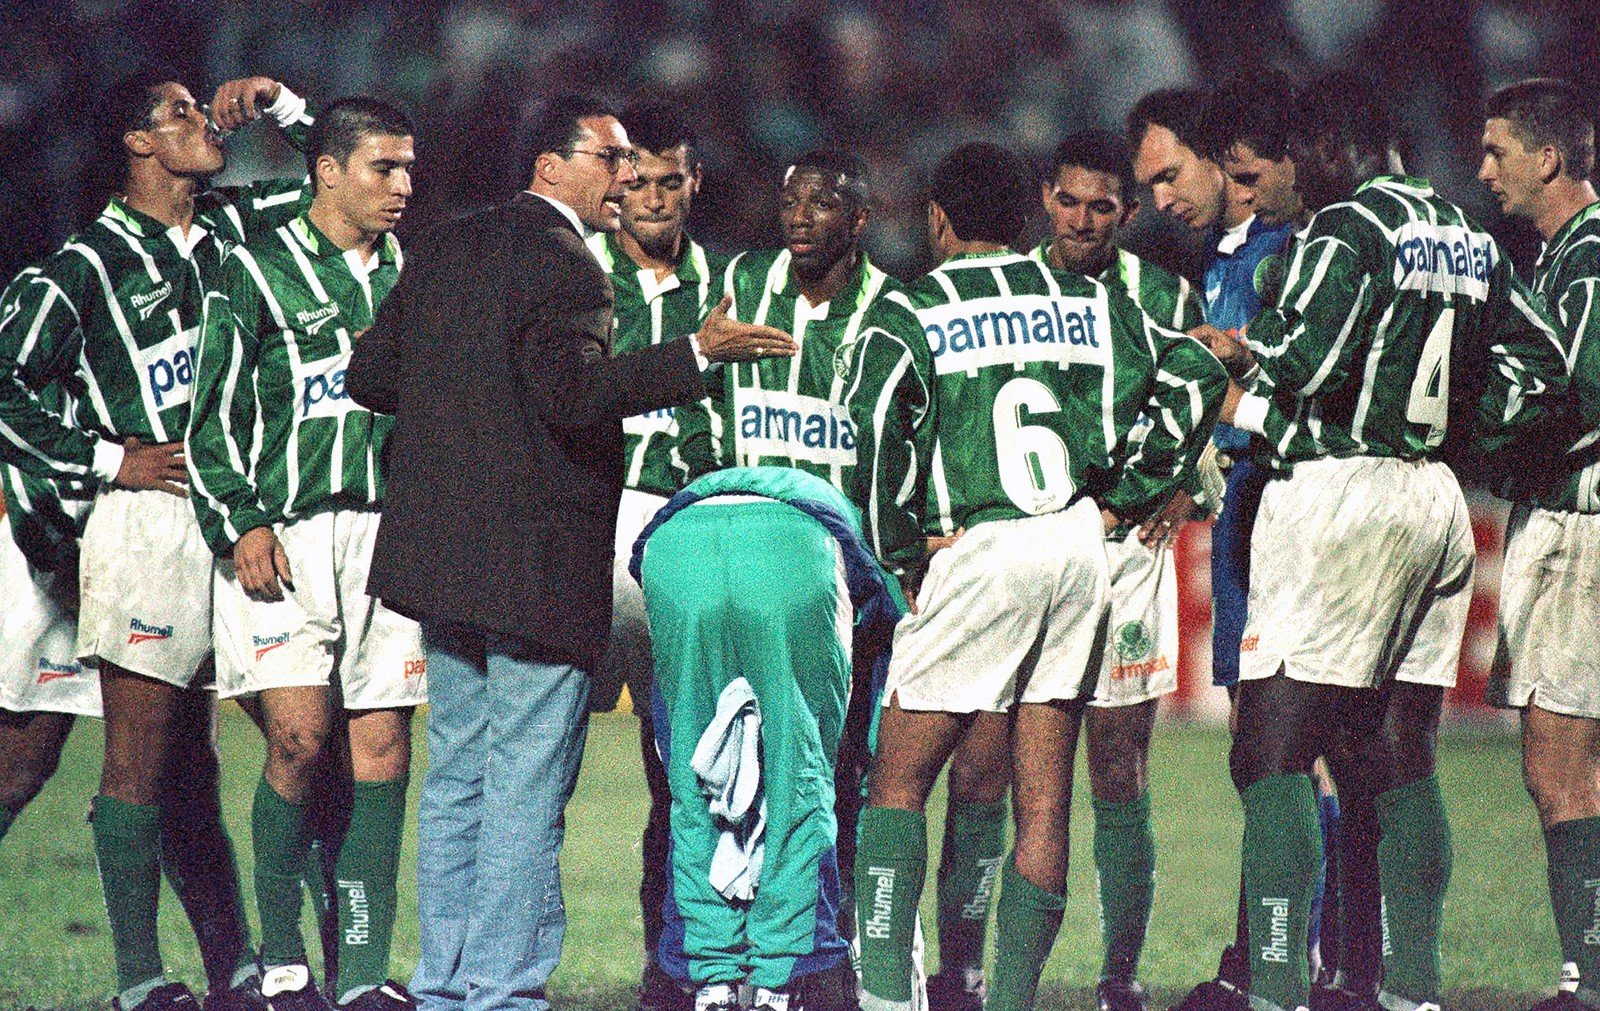 Luxemburgo conversa com elenco cheio de estrelas do Palmeiras em 1996 — Foto: Arquivo / Agência Estado